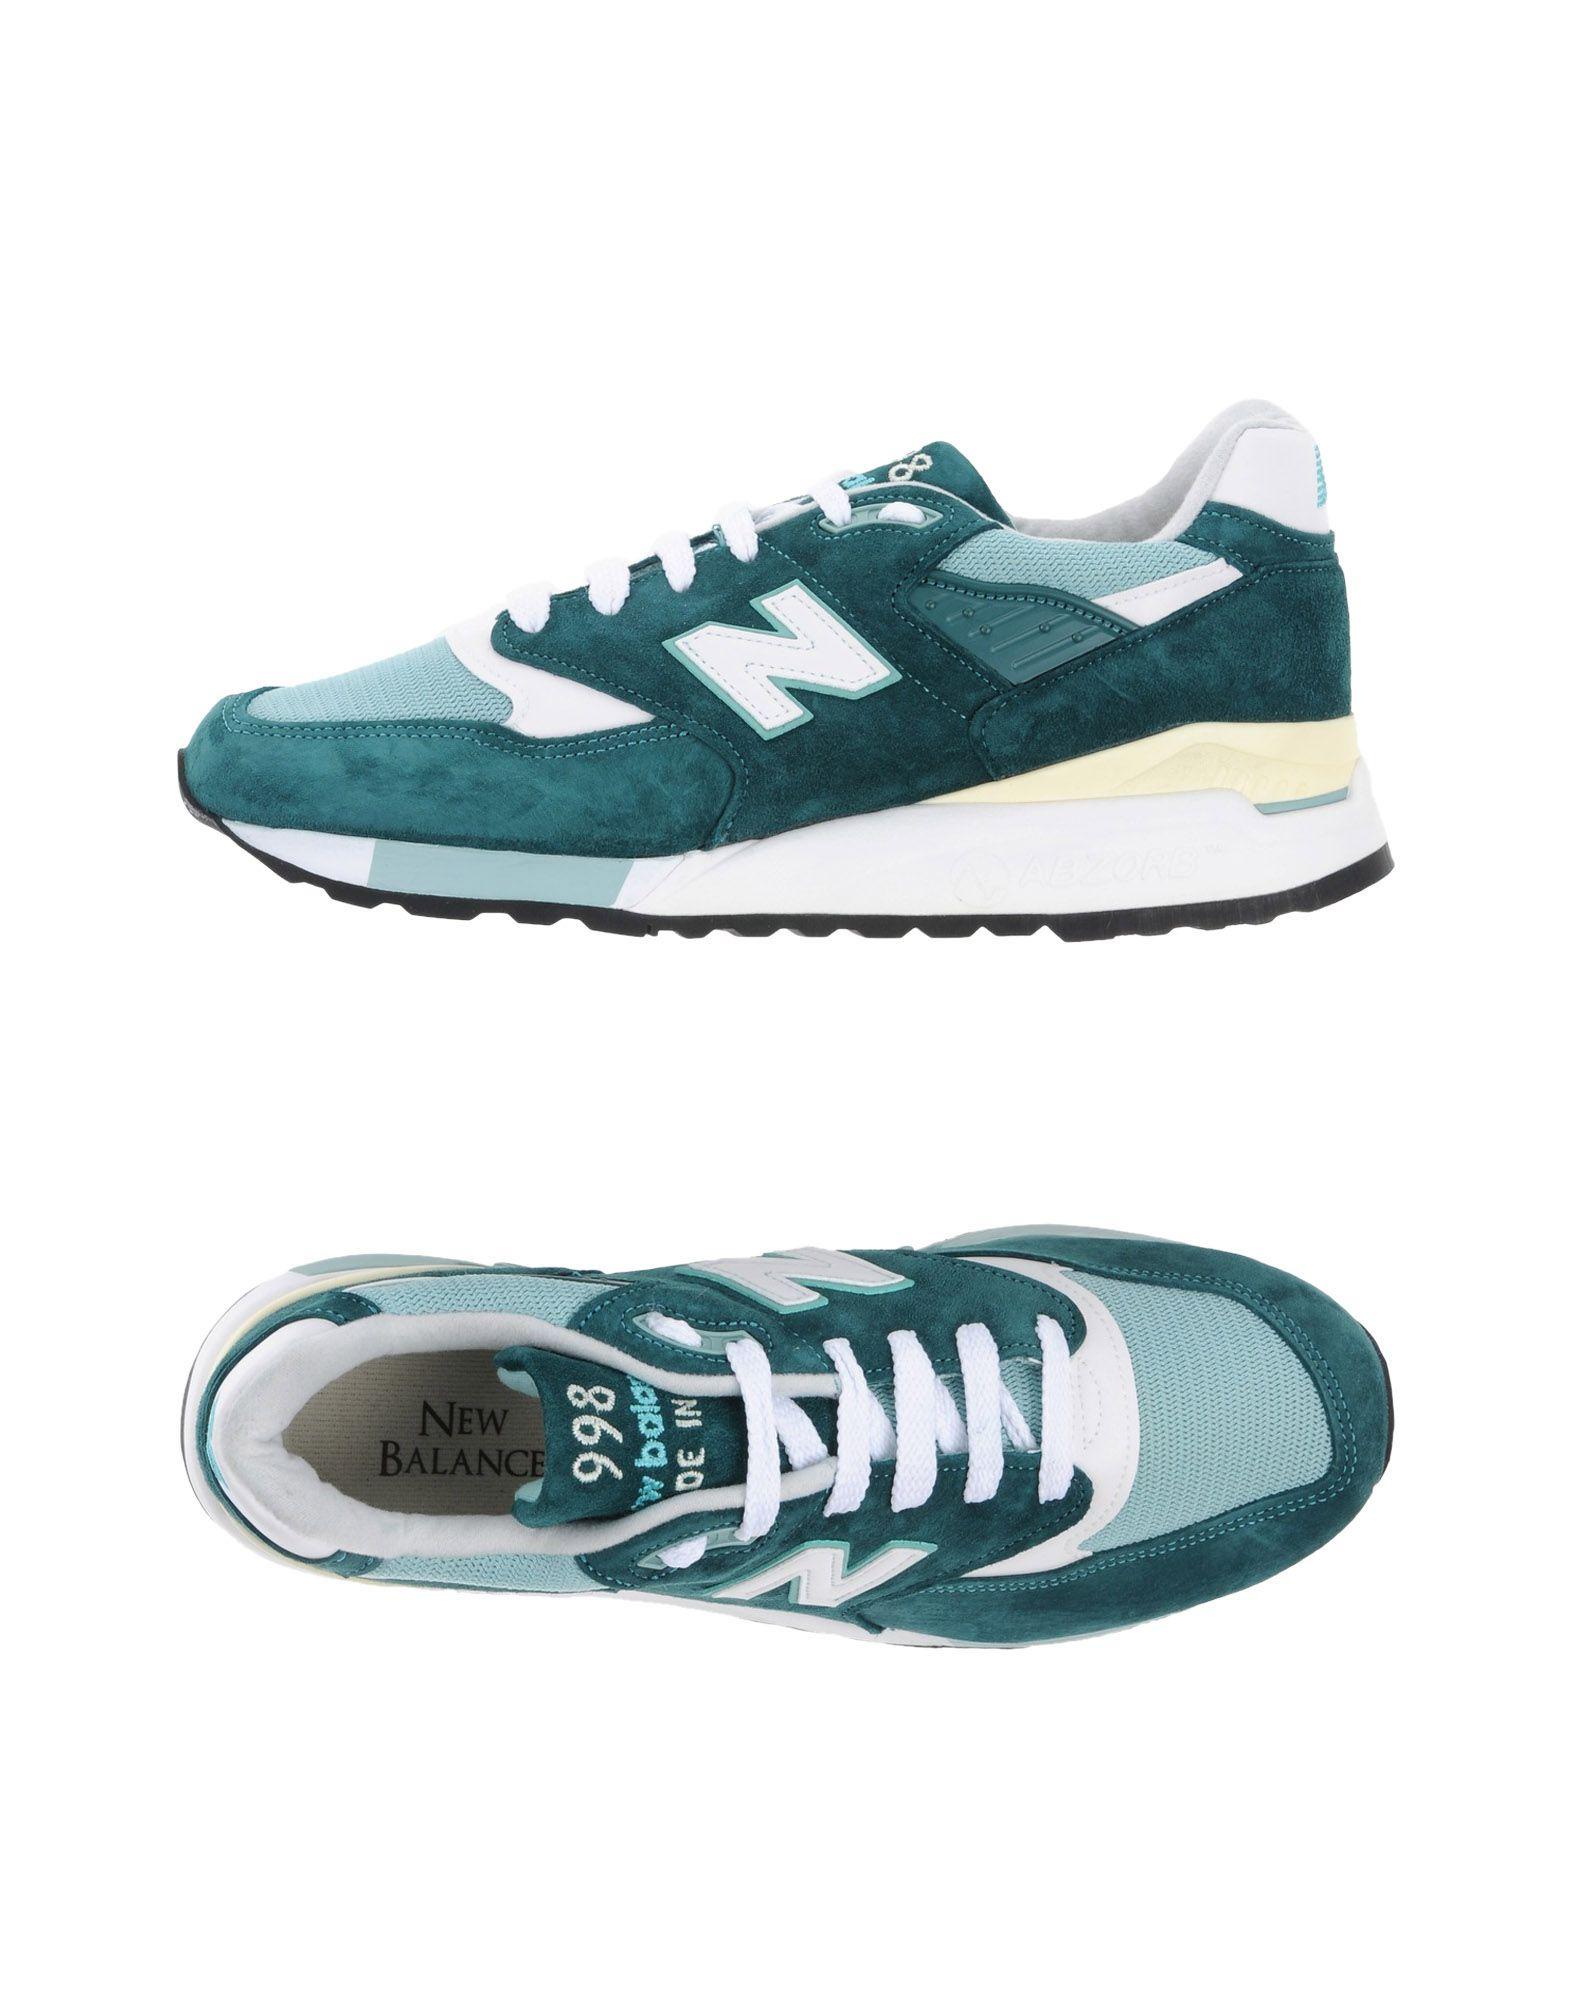 New Balance Sneakers Herren  11253384PK Gute Qualität beliebte Schuhe